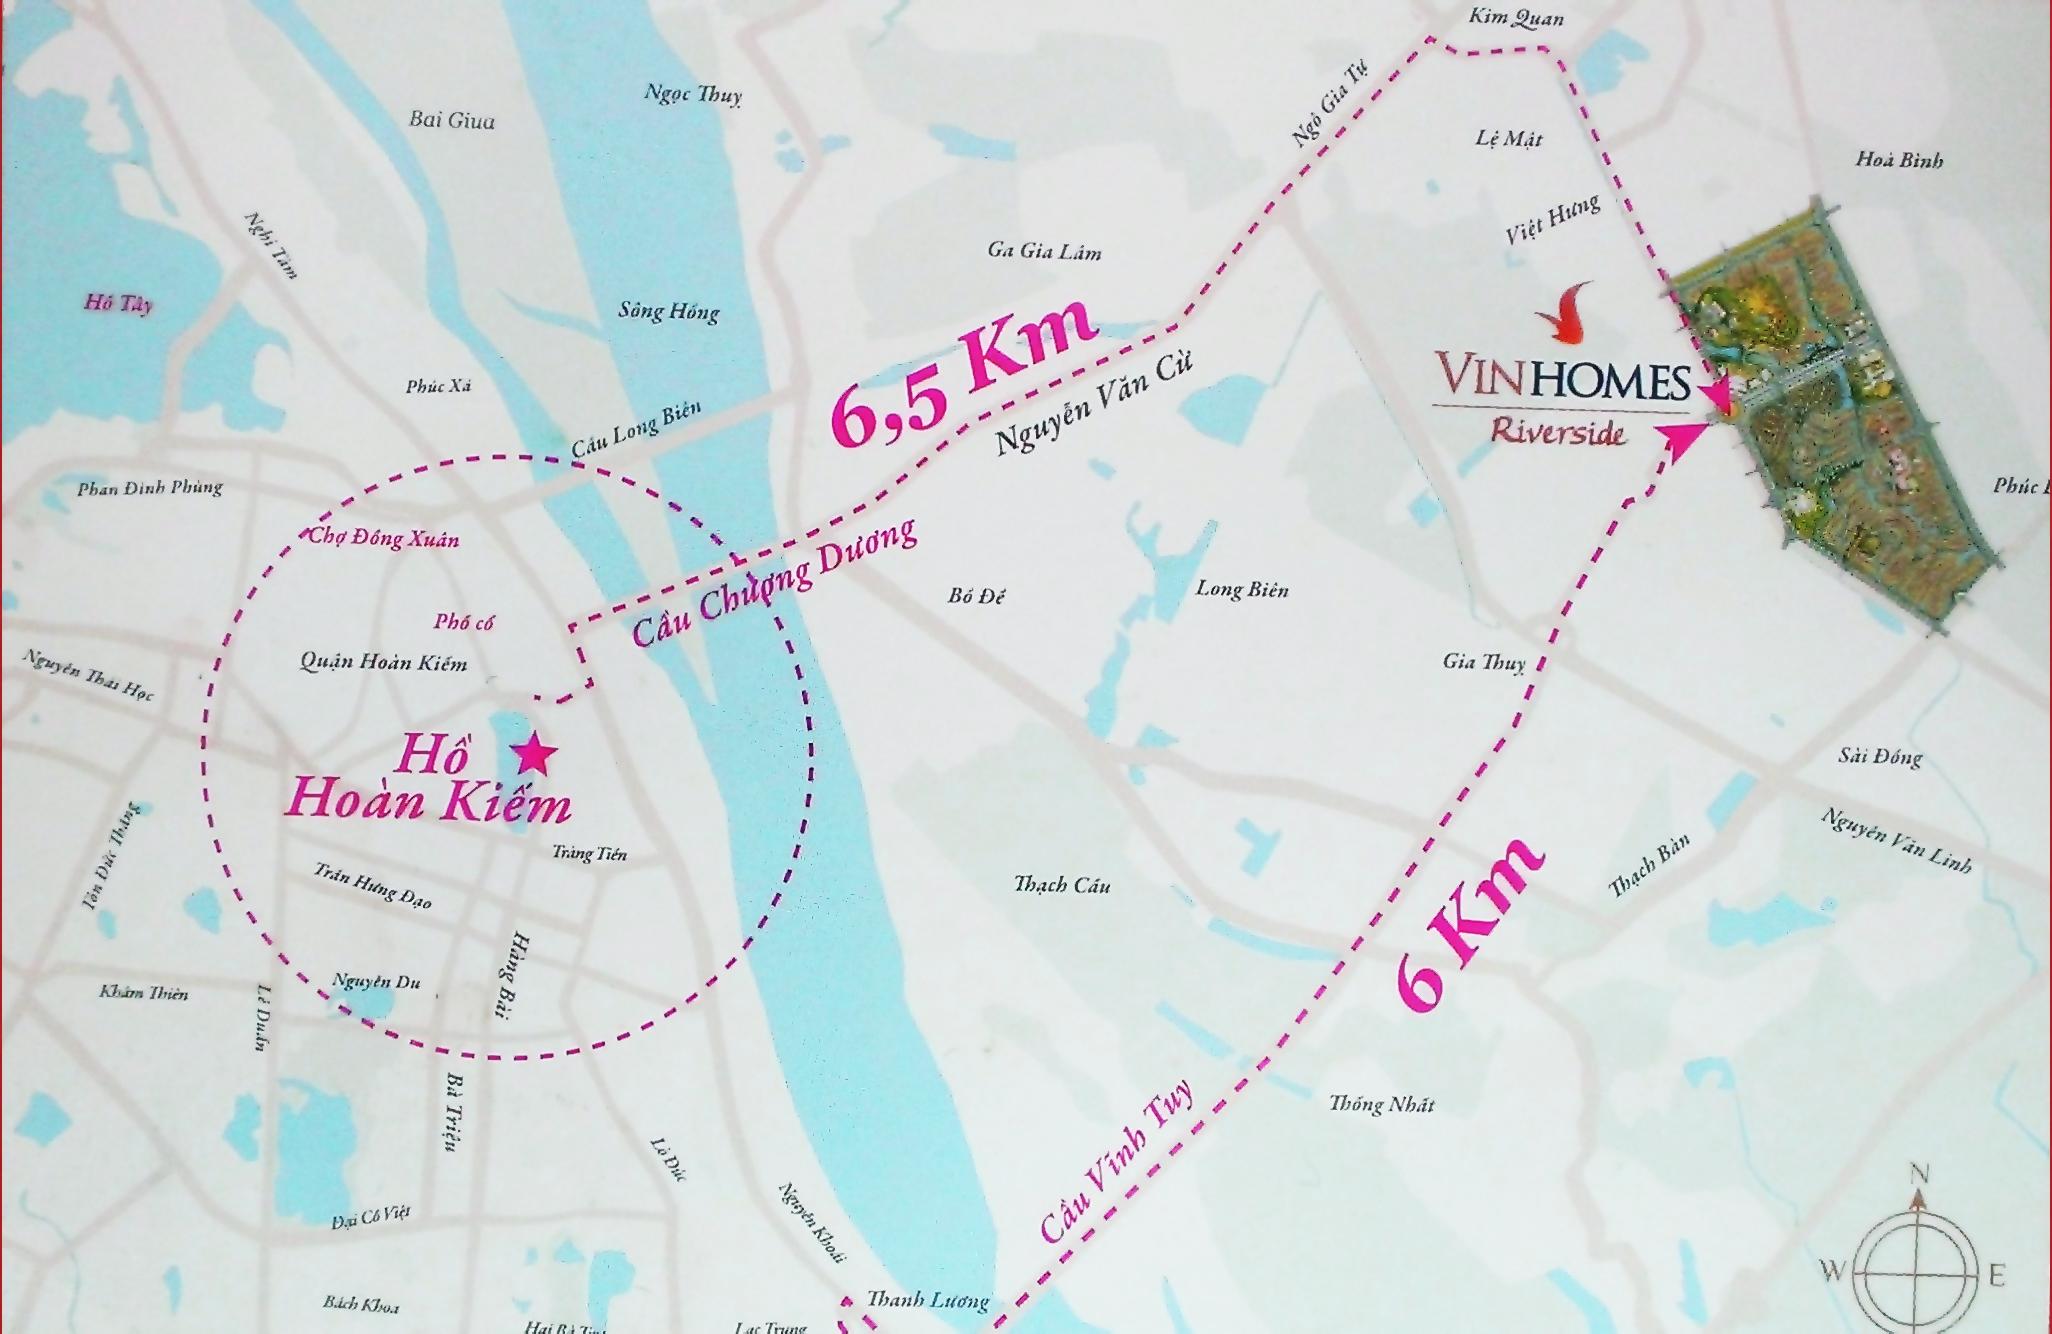 lien-ket-vung-vinhomes-riverside